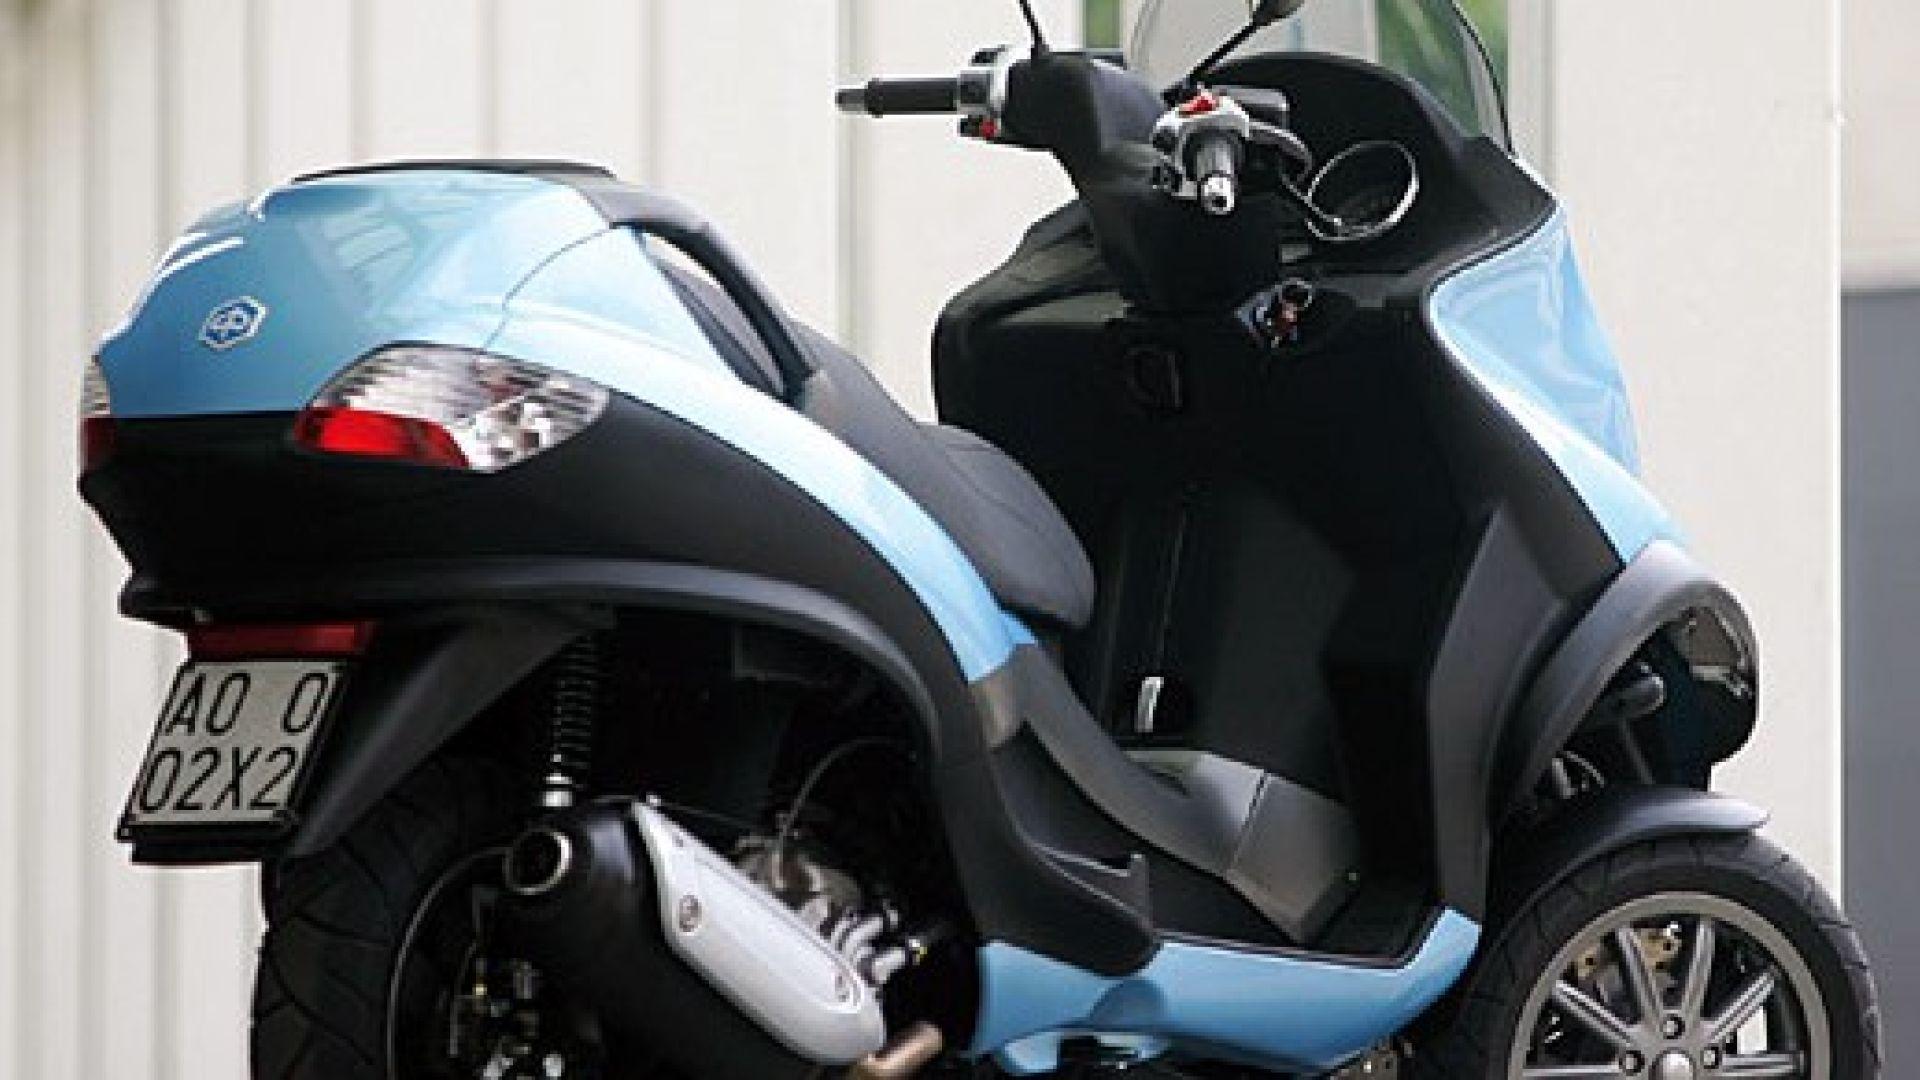 Immagine 15: Piaggio MP3, lo scooter con tre ruote